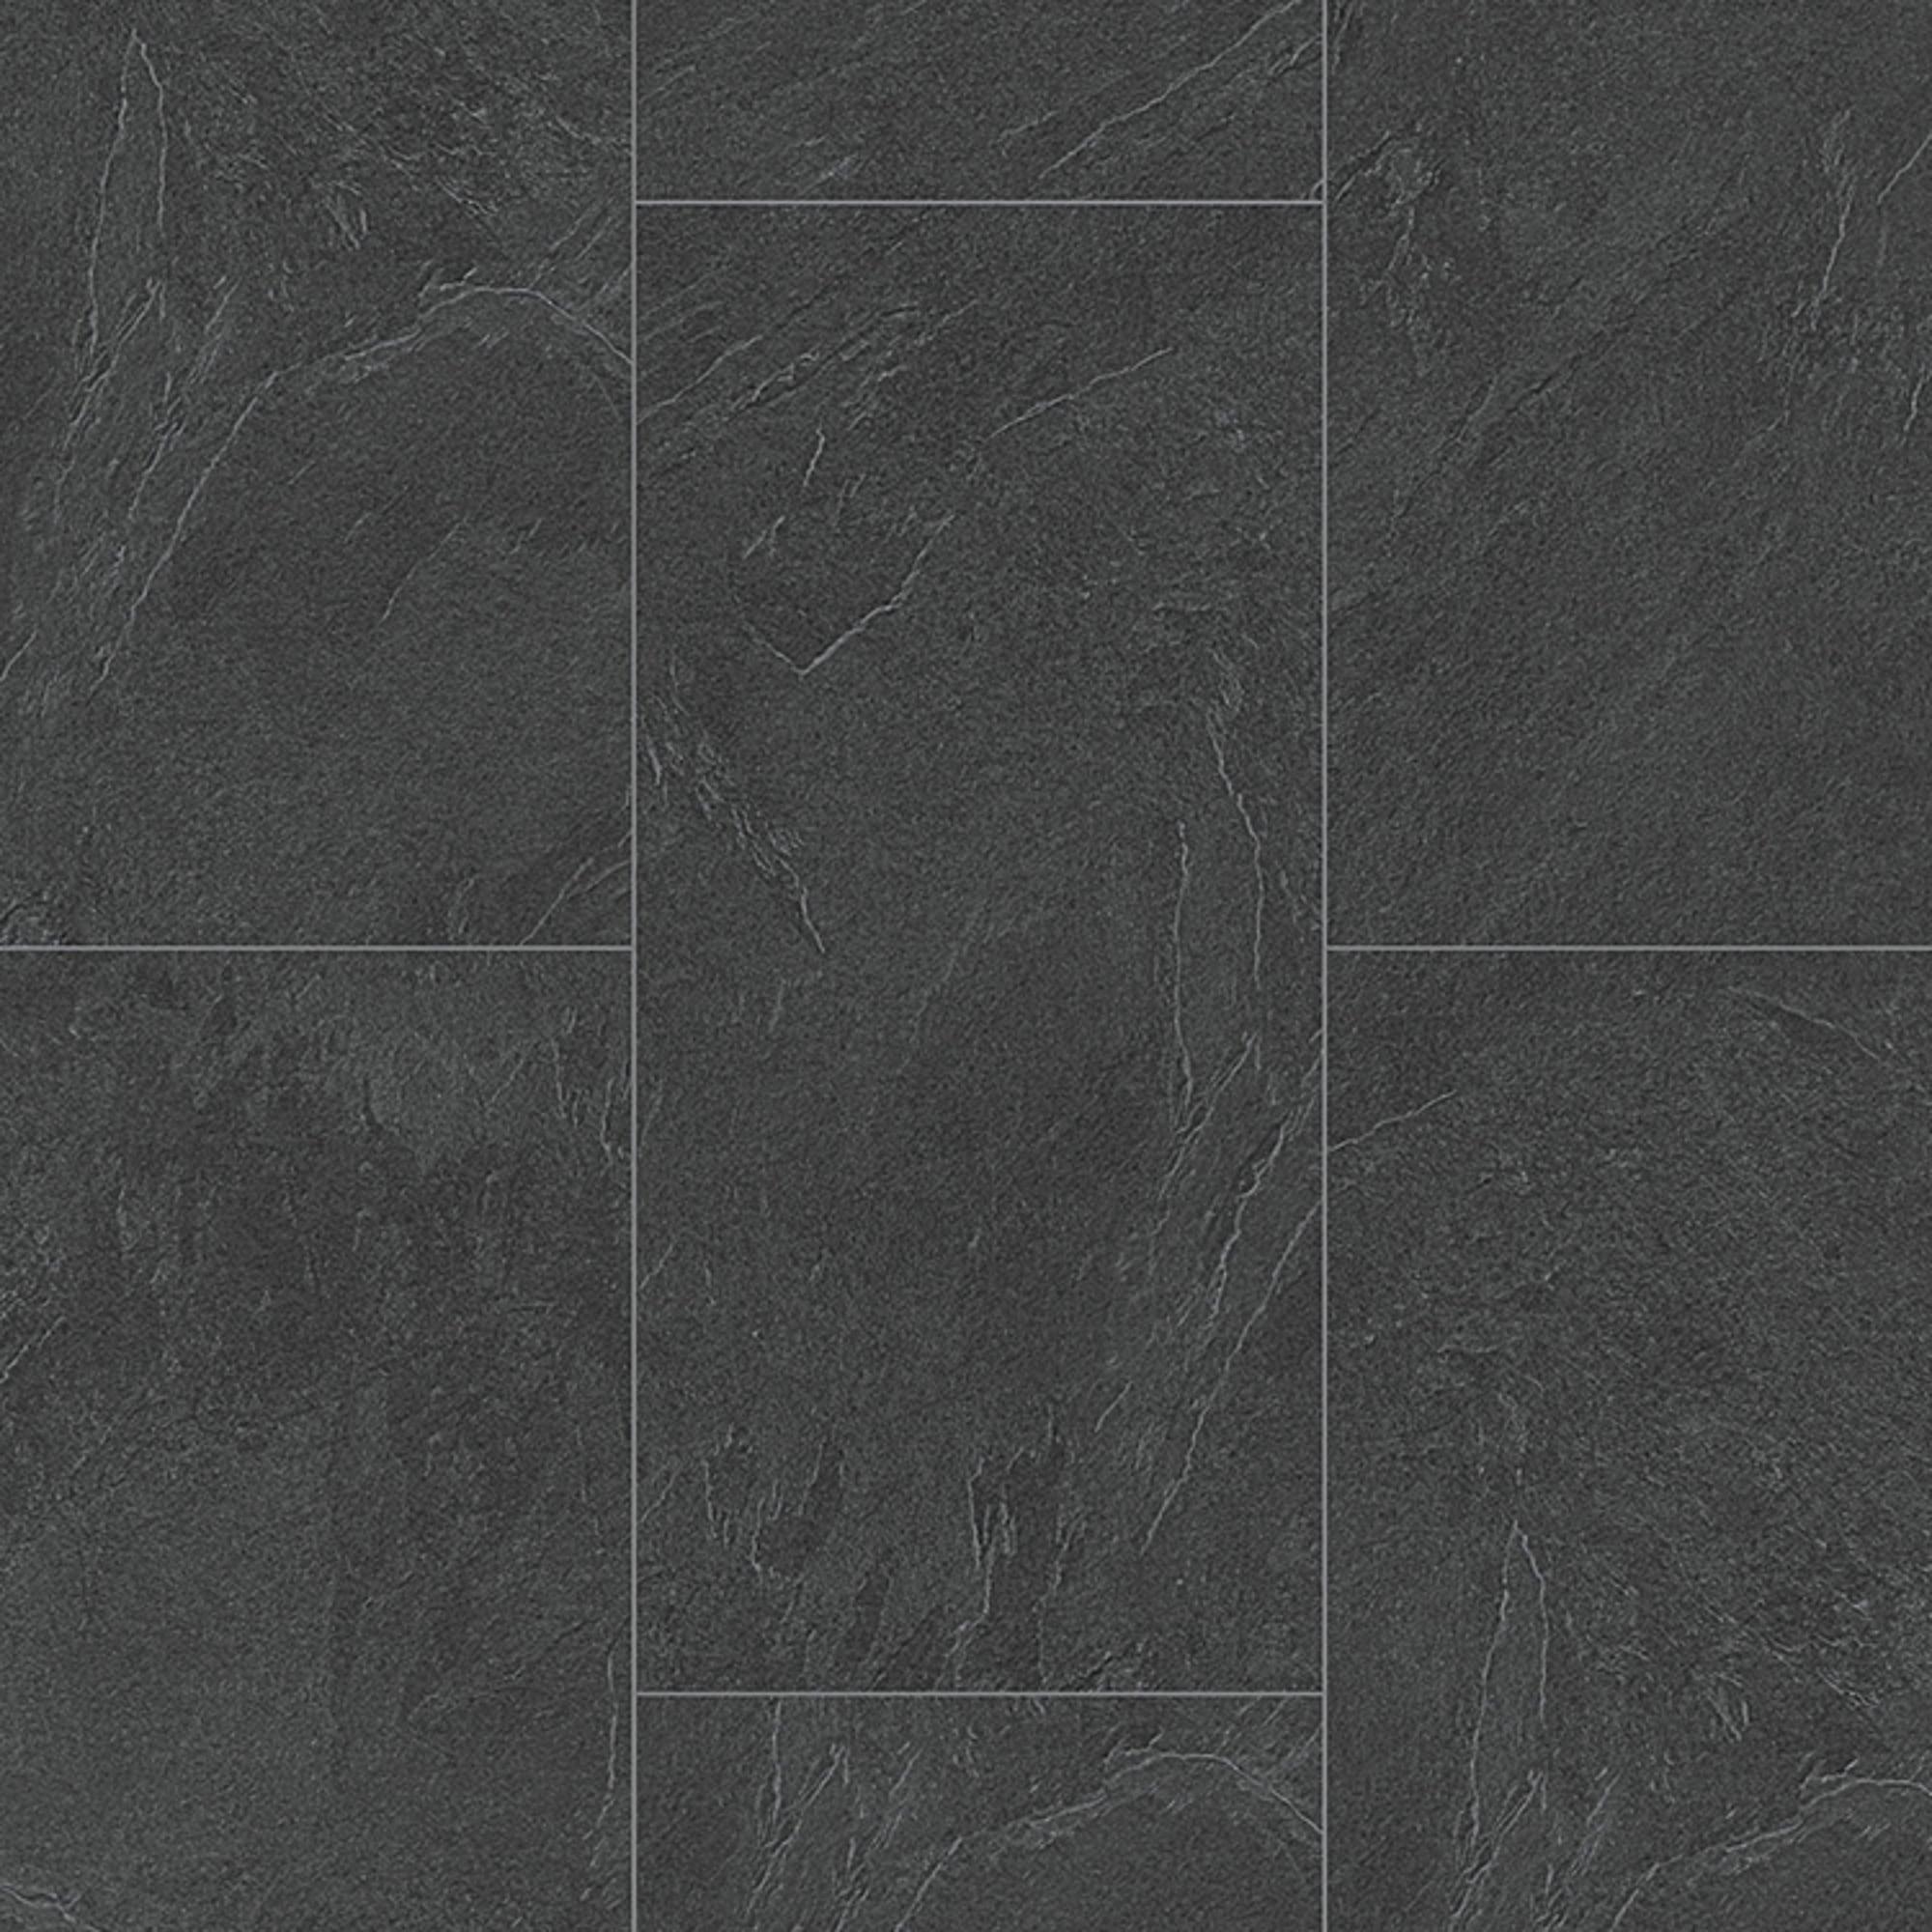 Slate Floor Texture Www Imgkid Com The Image Kid Has It